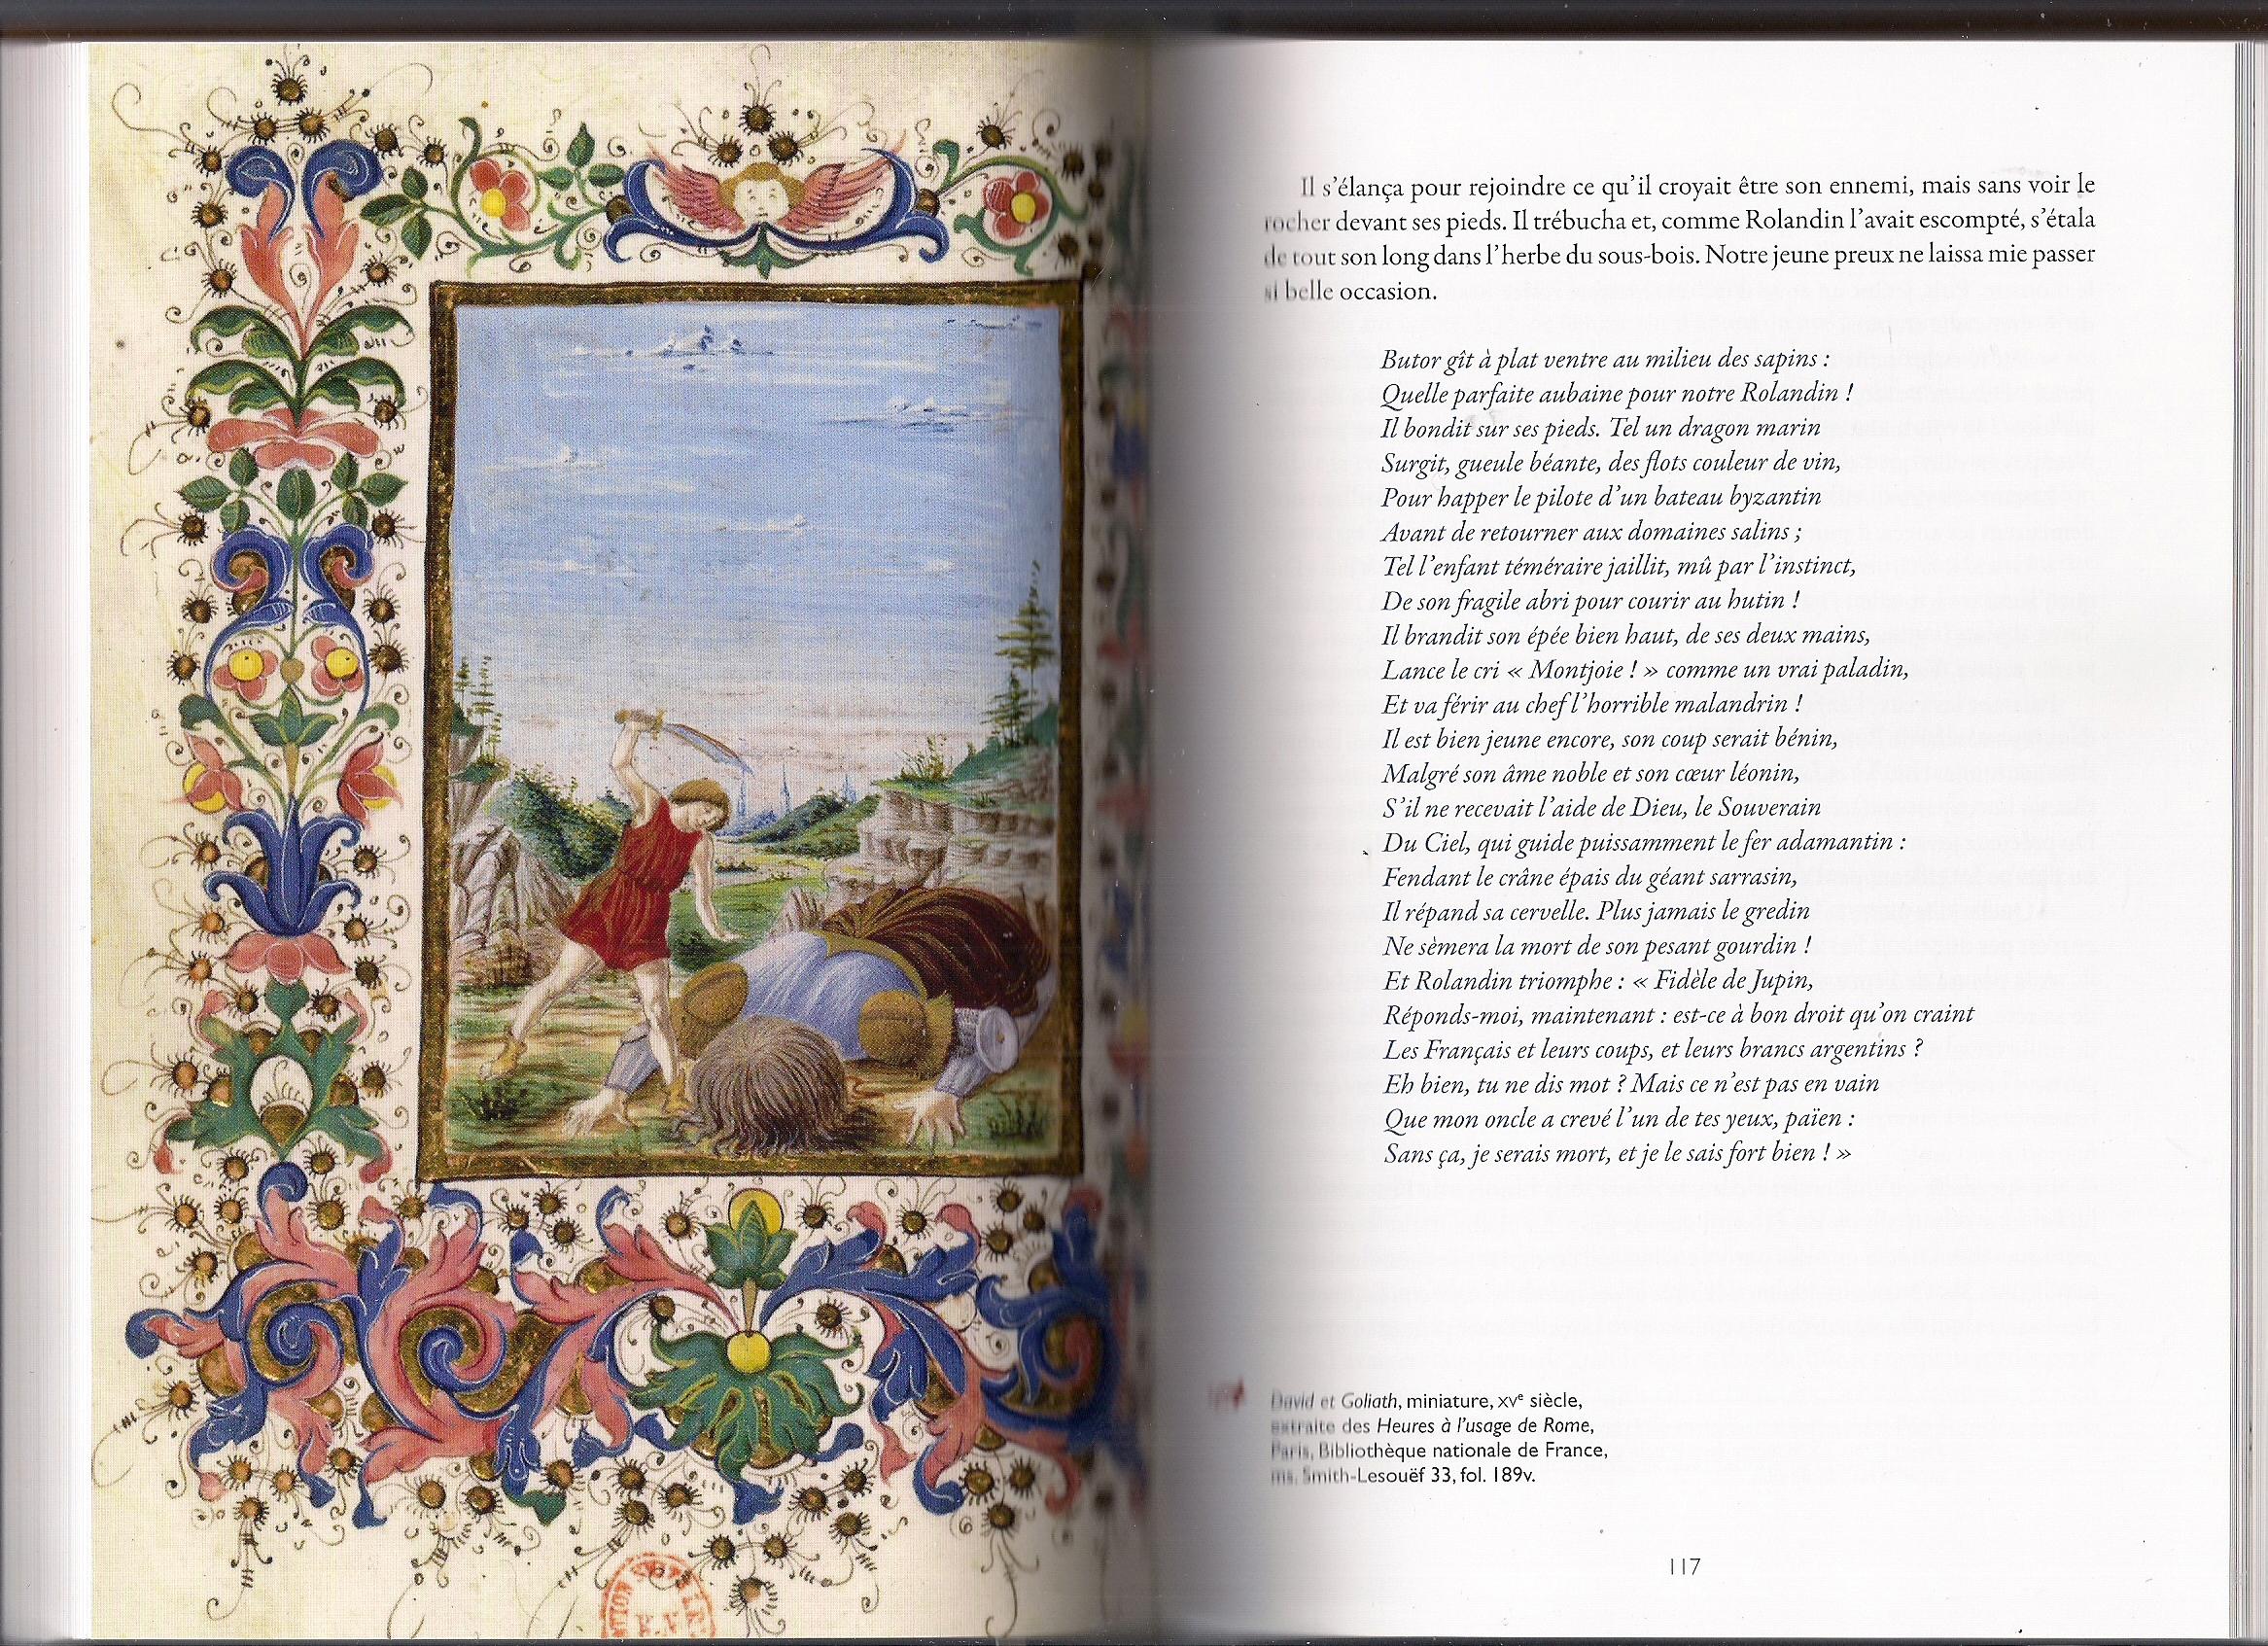 «Rolandin», «une urgence désespérée» à transmettre, et un beau conte pour  Noël – Par Rémi Usseil